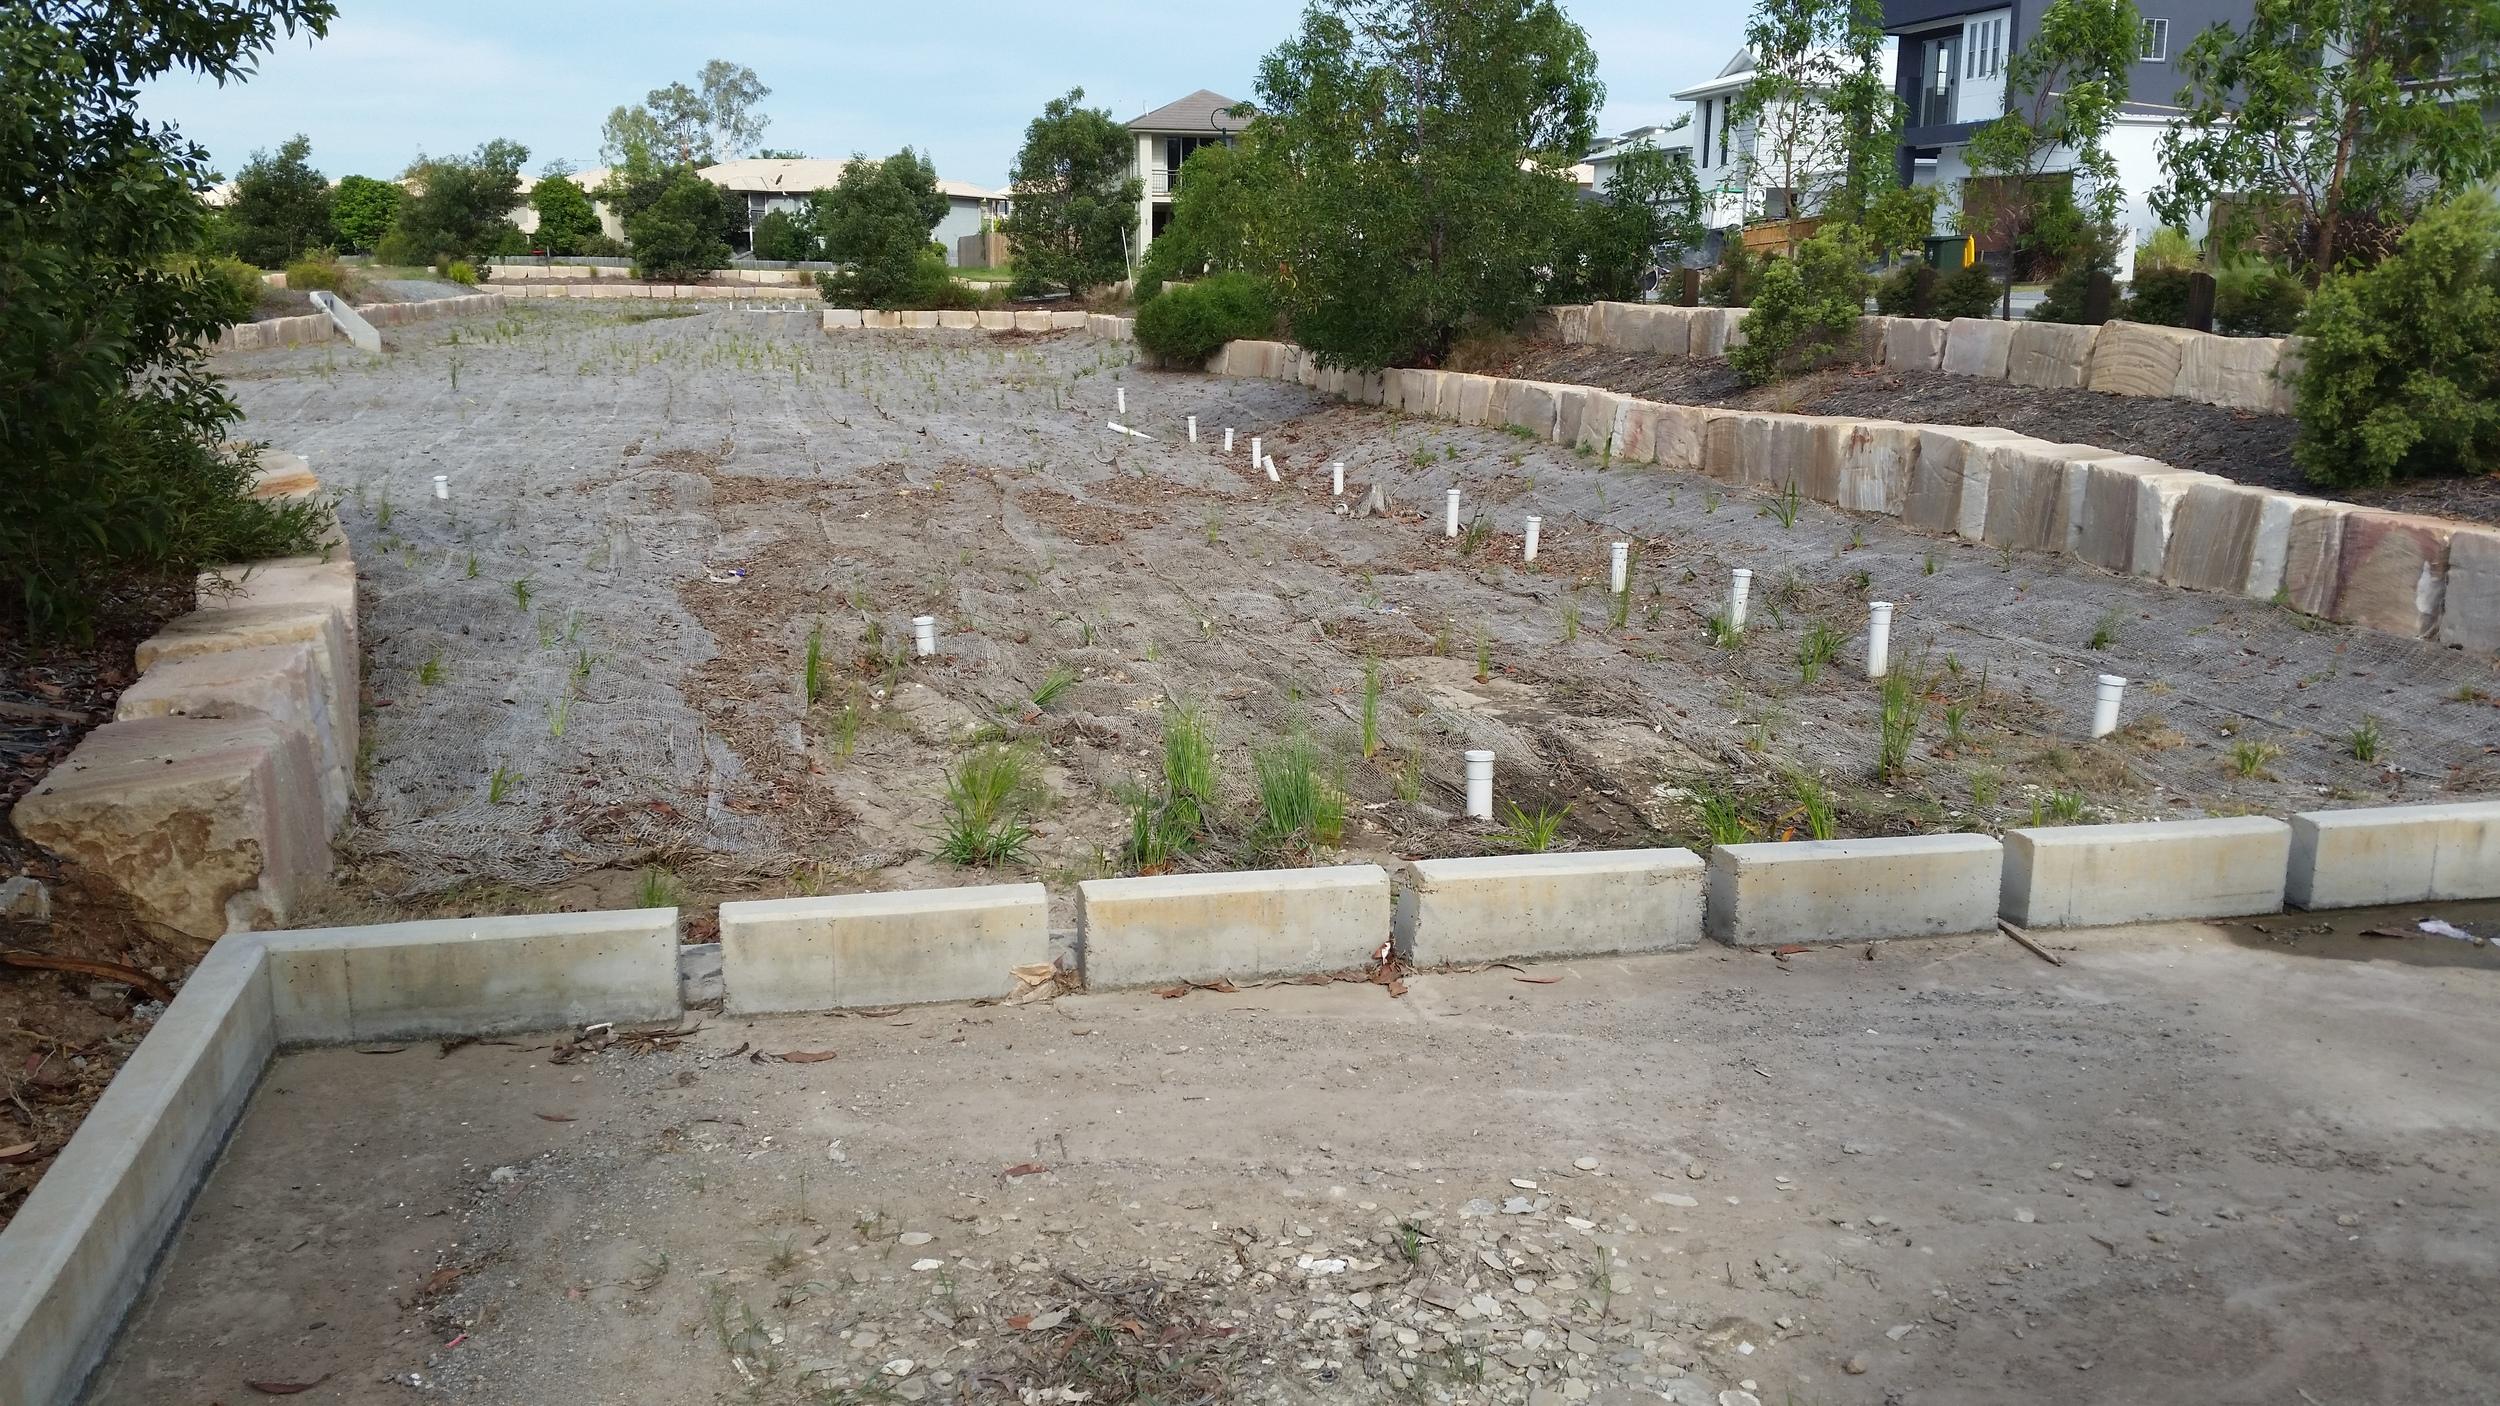 Finnegan Circuit Bioretention System